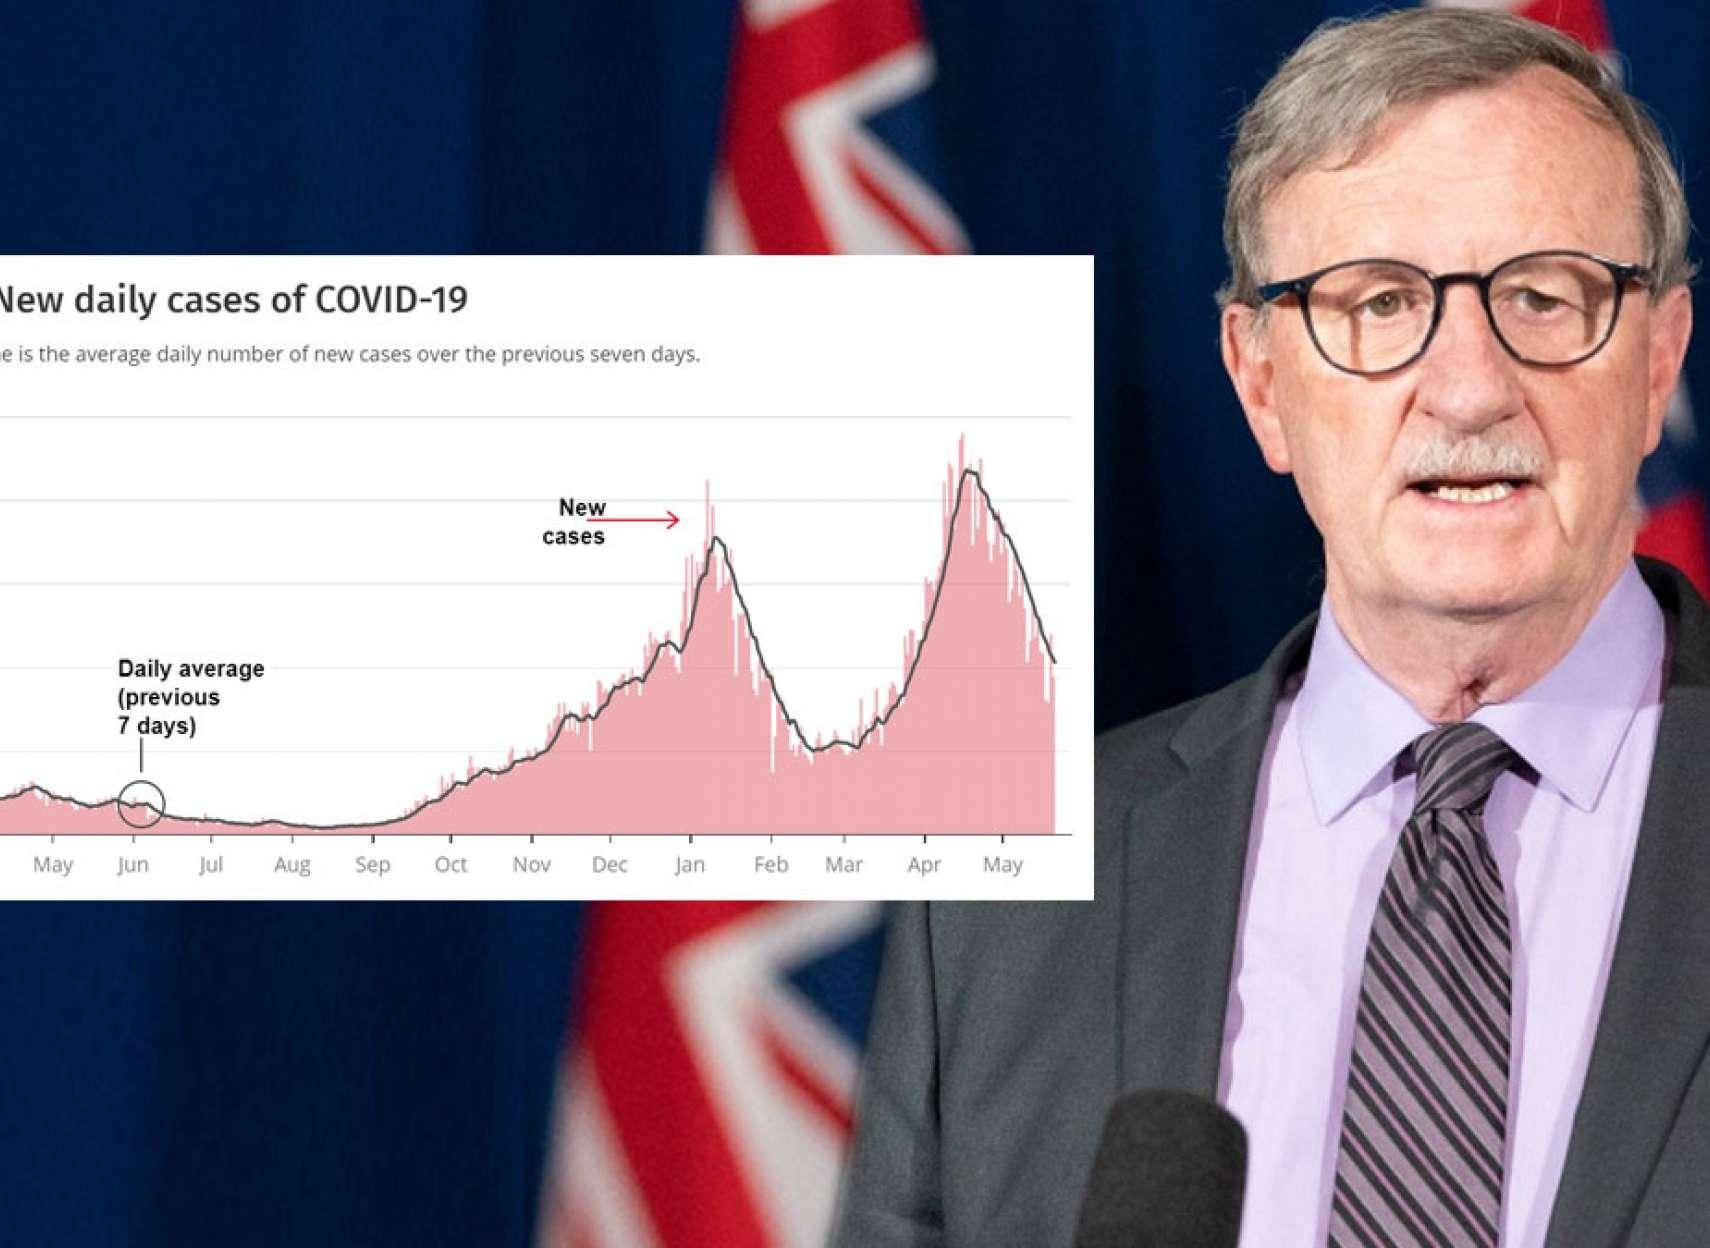 اخبار-تورنتو-انتاریو-از-این-هفته-هم-۱۲-سال-و-بالاتر-را-واکسن-می-زنیم-و-هم-دوز-دوم-آسترازنکا-را